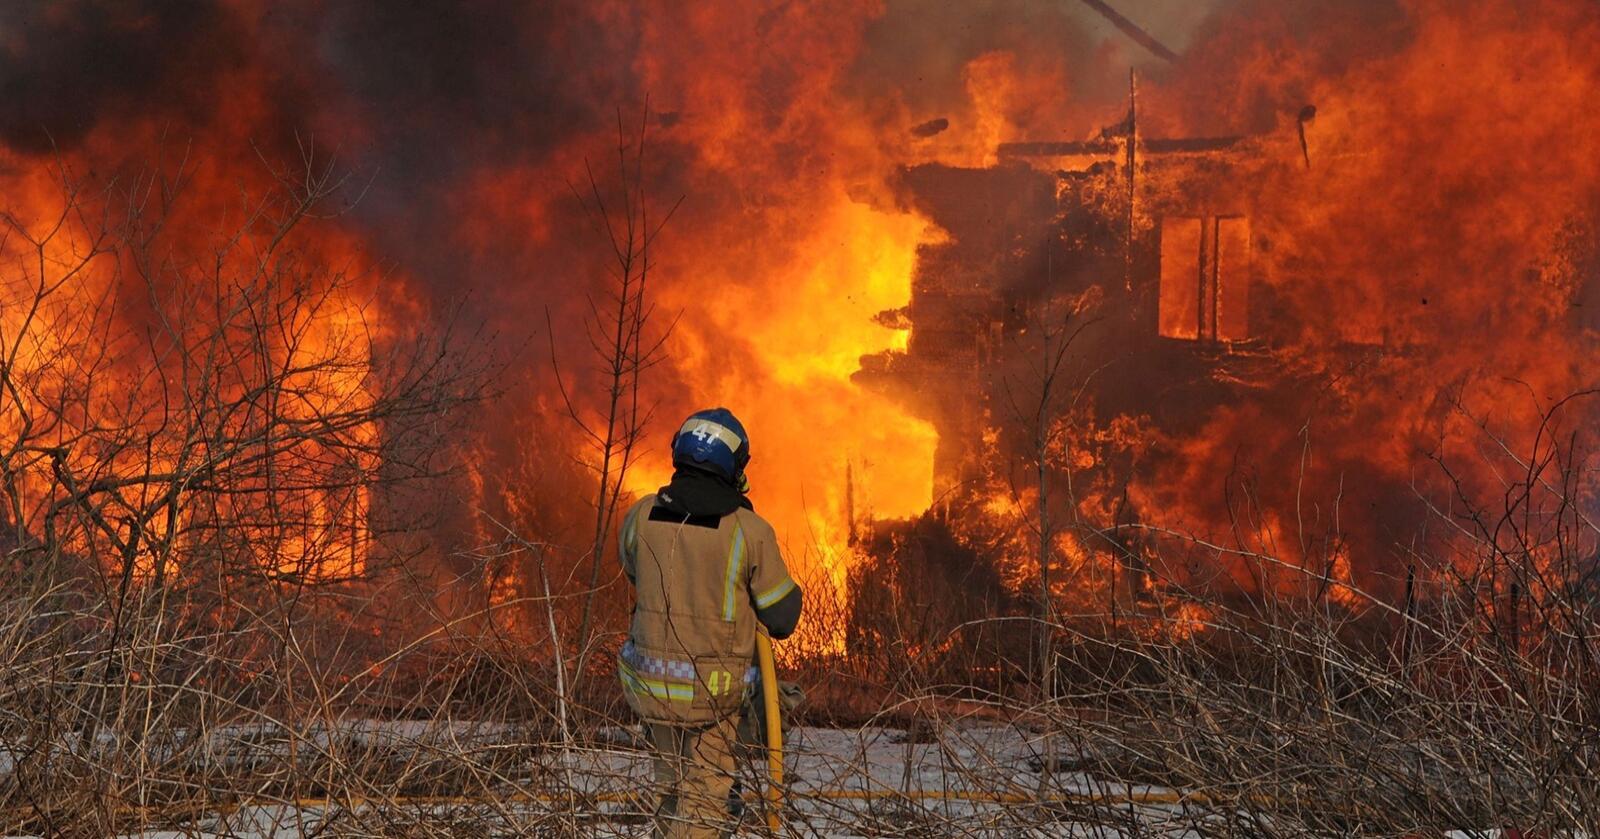 Ødelegger alt: Klimapolitikken må treffe klimaet, ikke alle andre gode formål. Foto: DSB/Sivilforsvaret